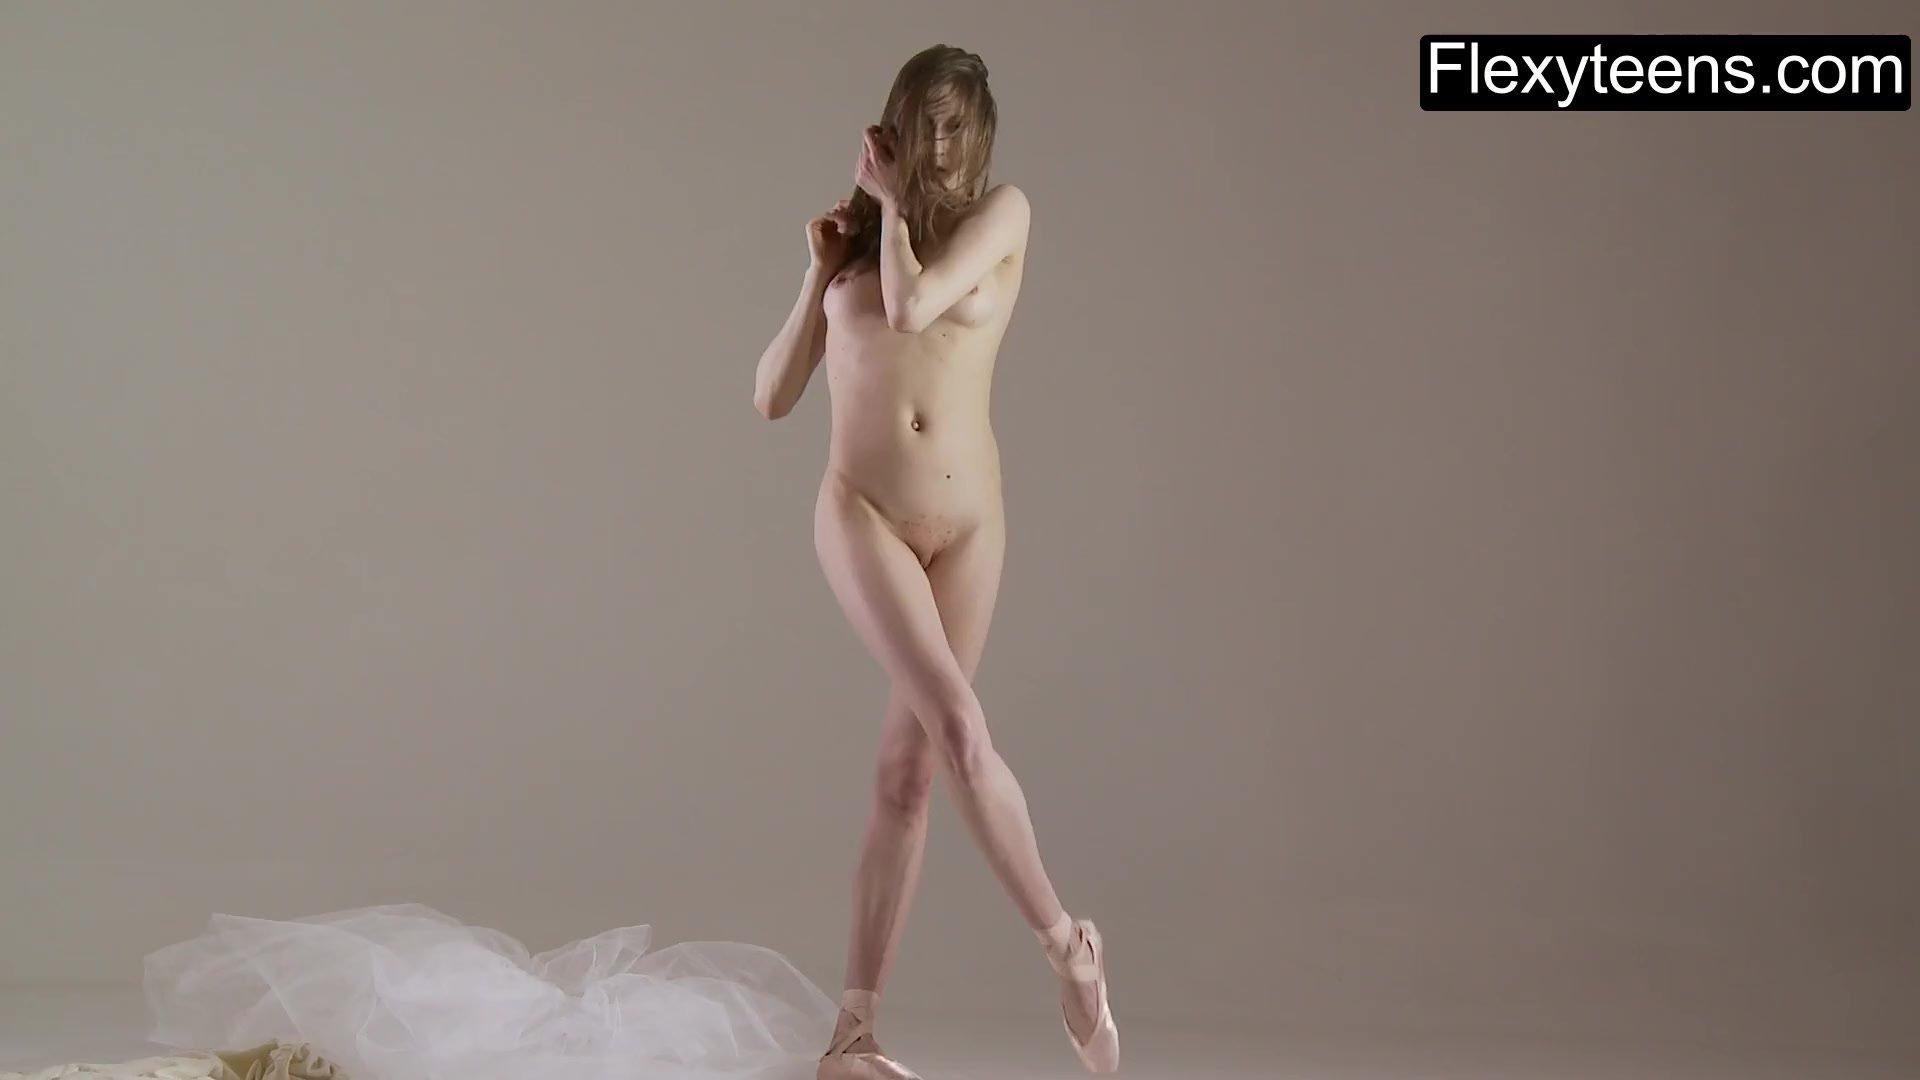 Solo girl/gymnast performs gymnastics blonde